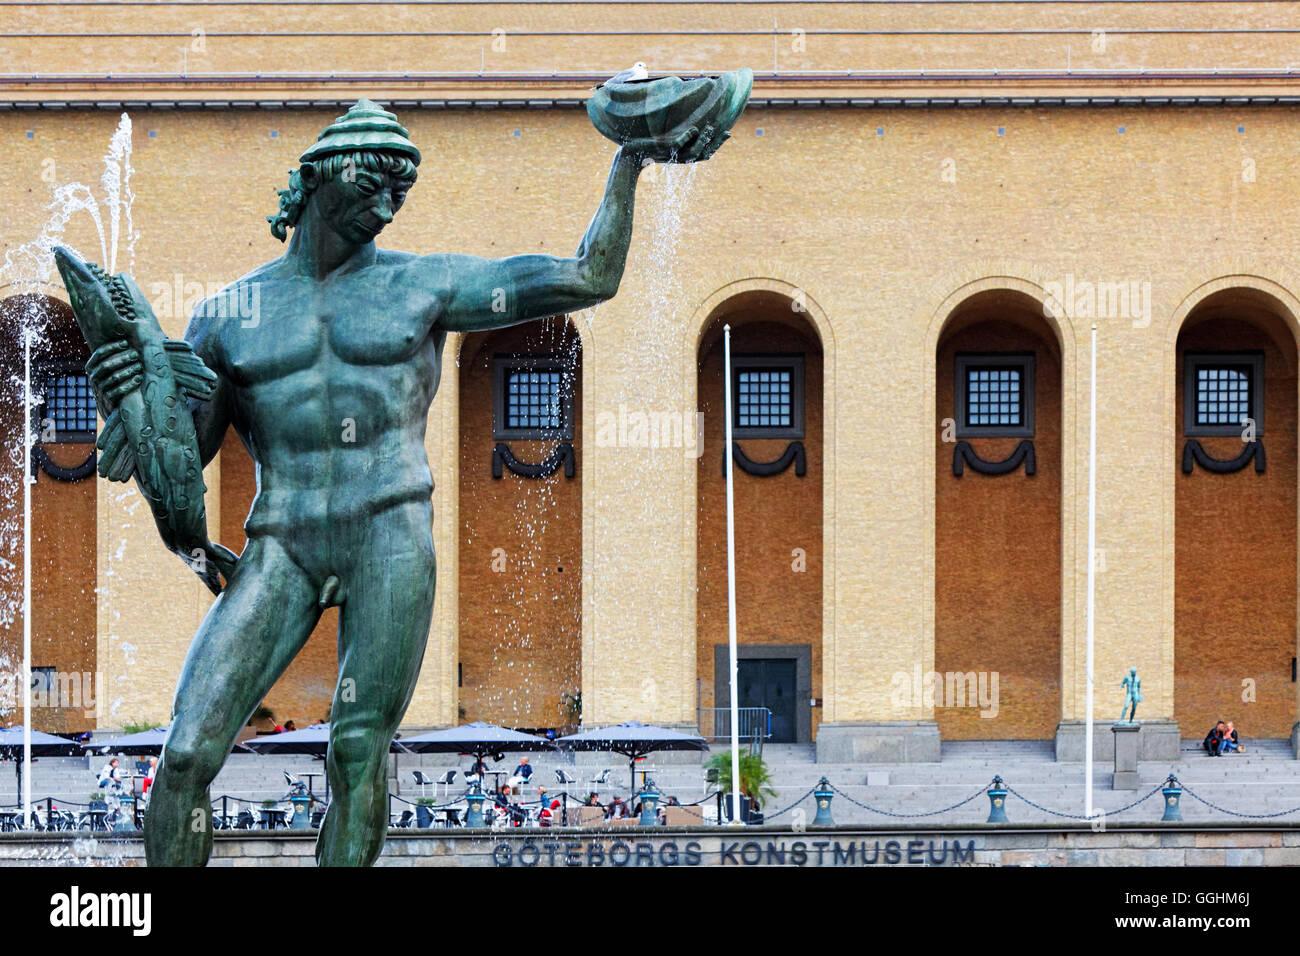 Estatua de Poseidón de Carl Milles enfrente del Museo de Arte de Gotemburgo, Suecia Imagen De Stock